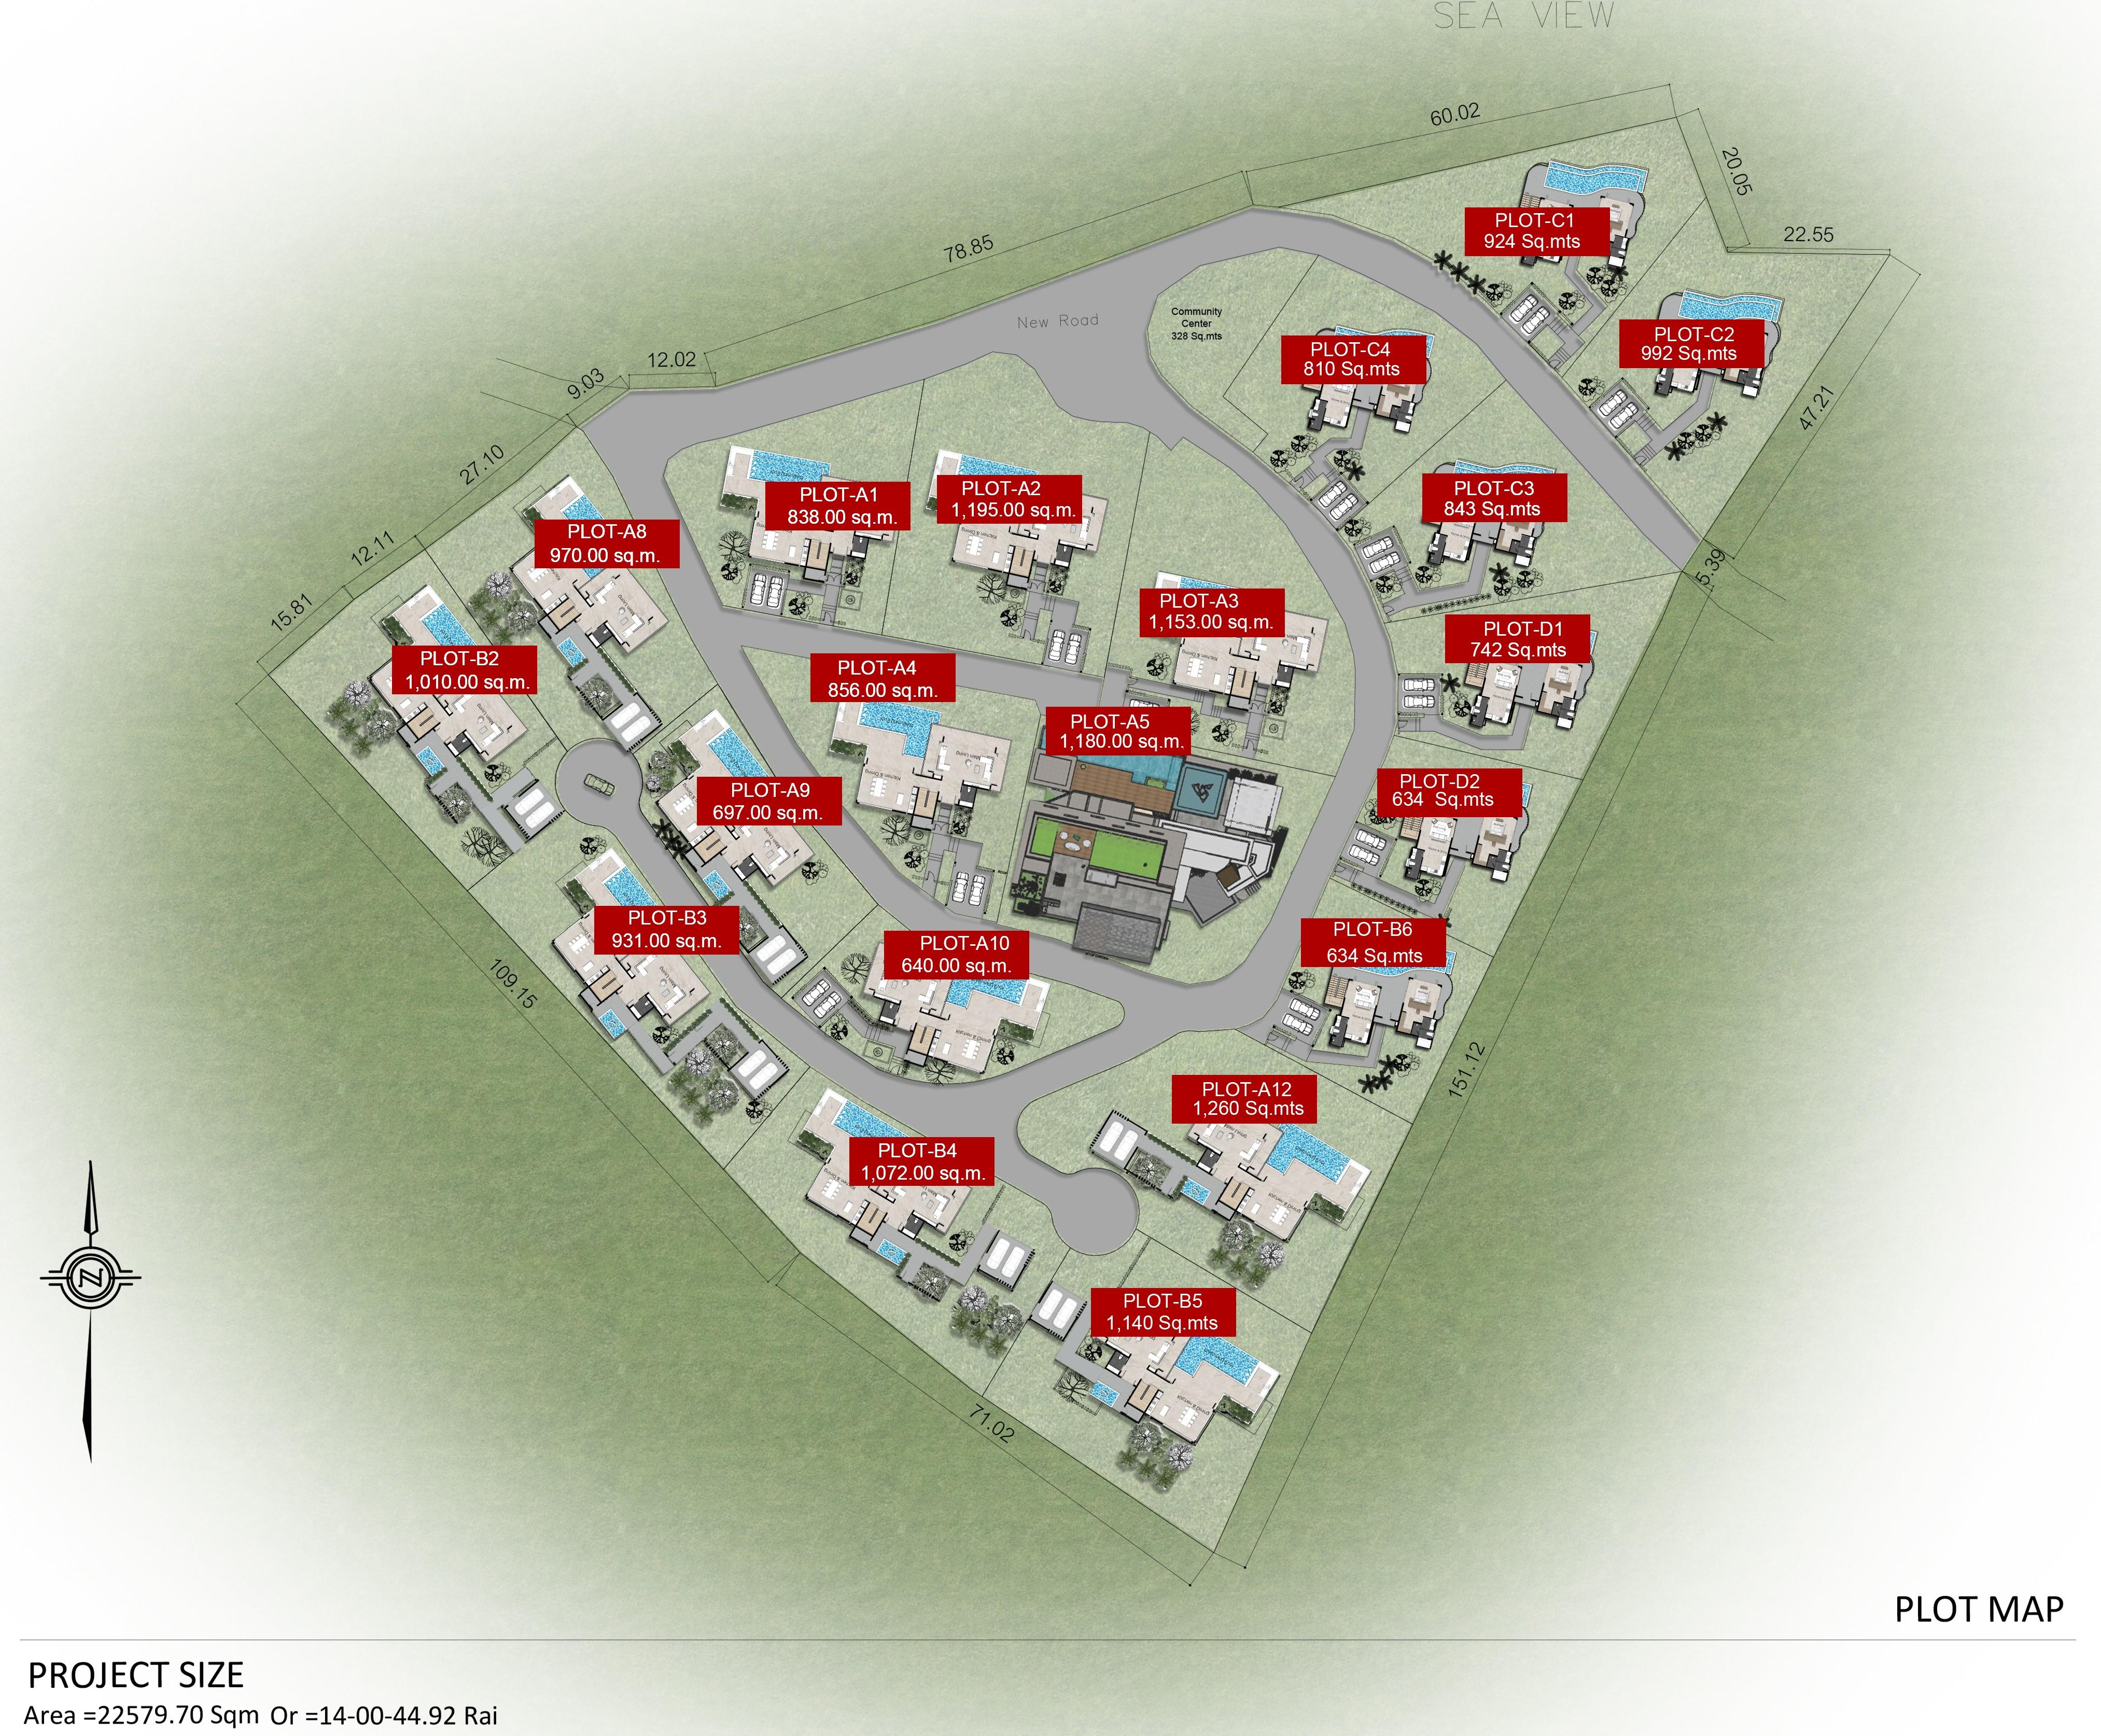 Nara villas master plan